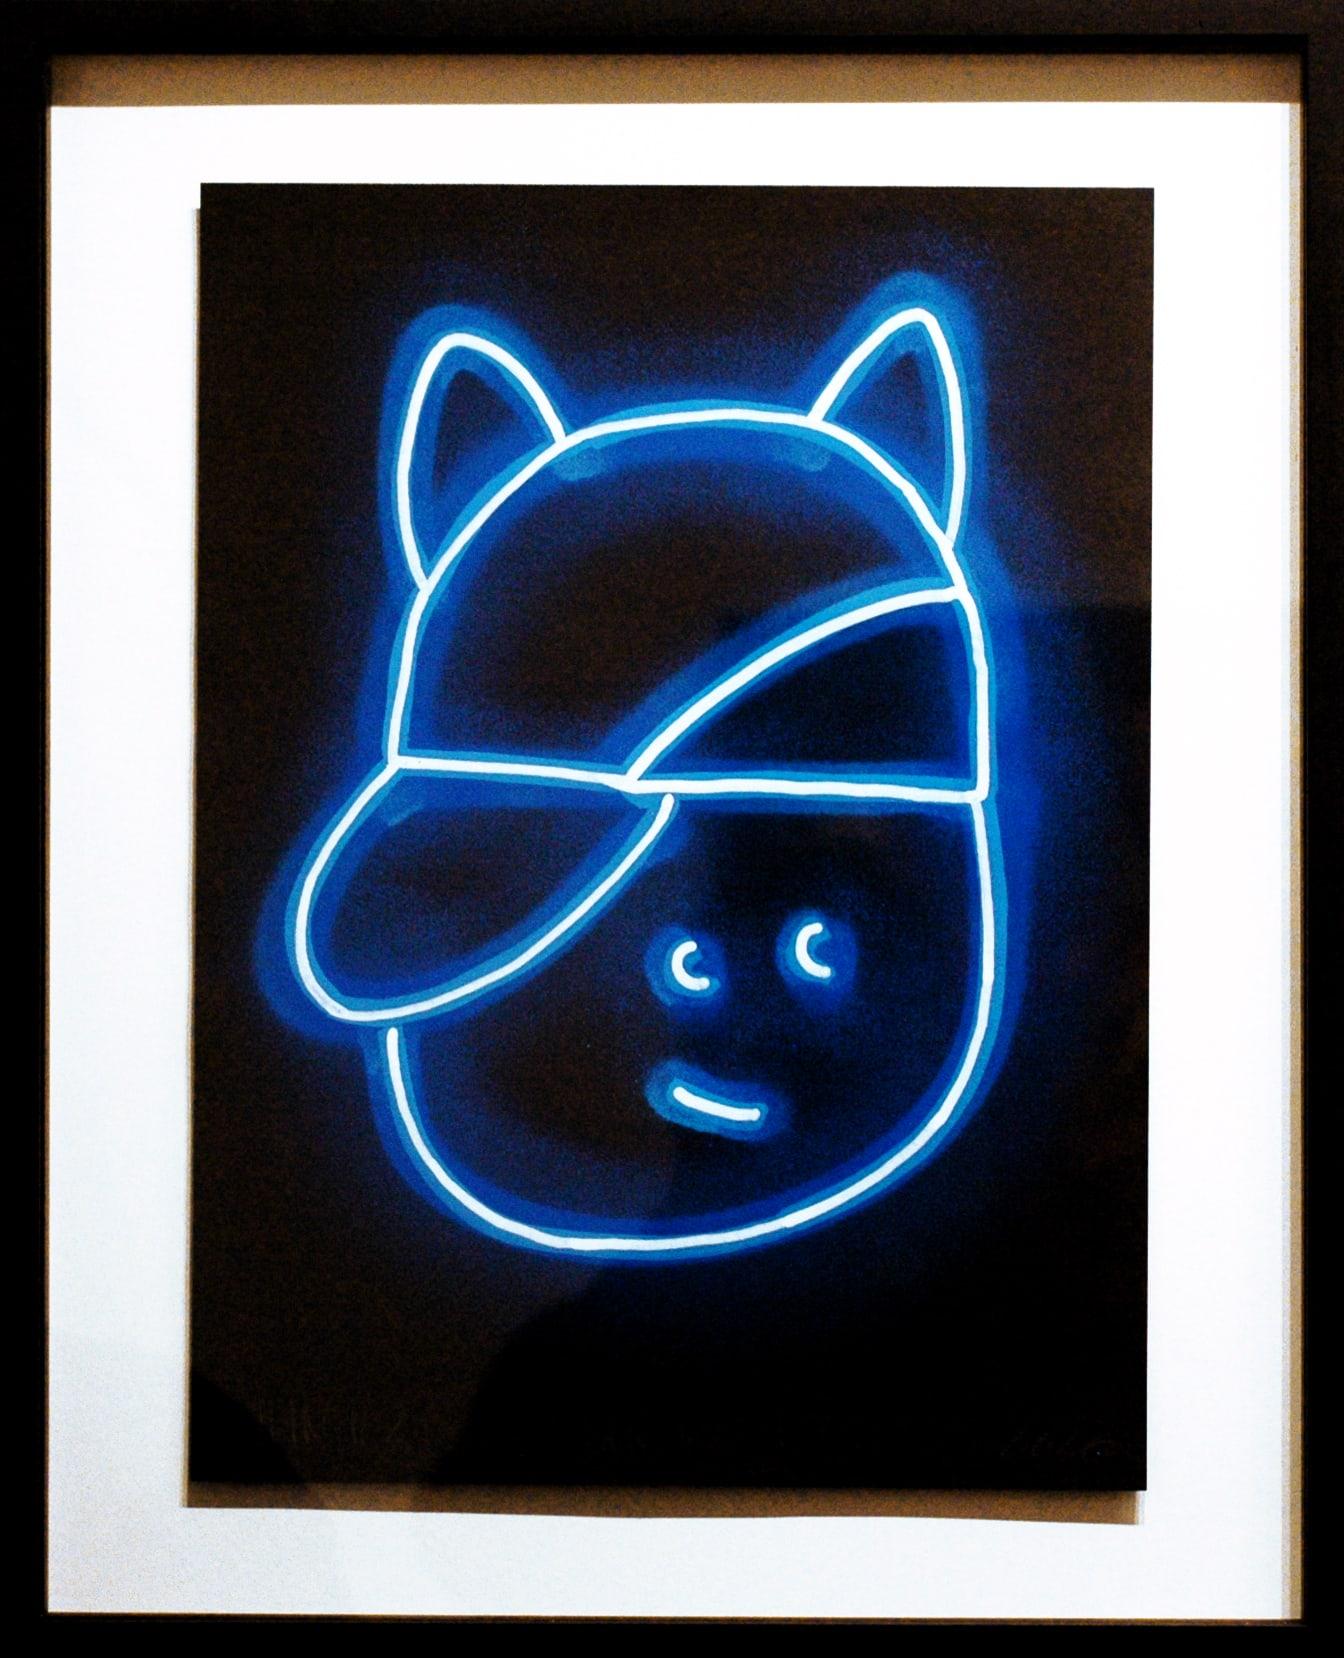 Galerie Art Jingle CHANOIR Blue Moon Cat 2020 Encadrement